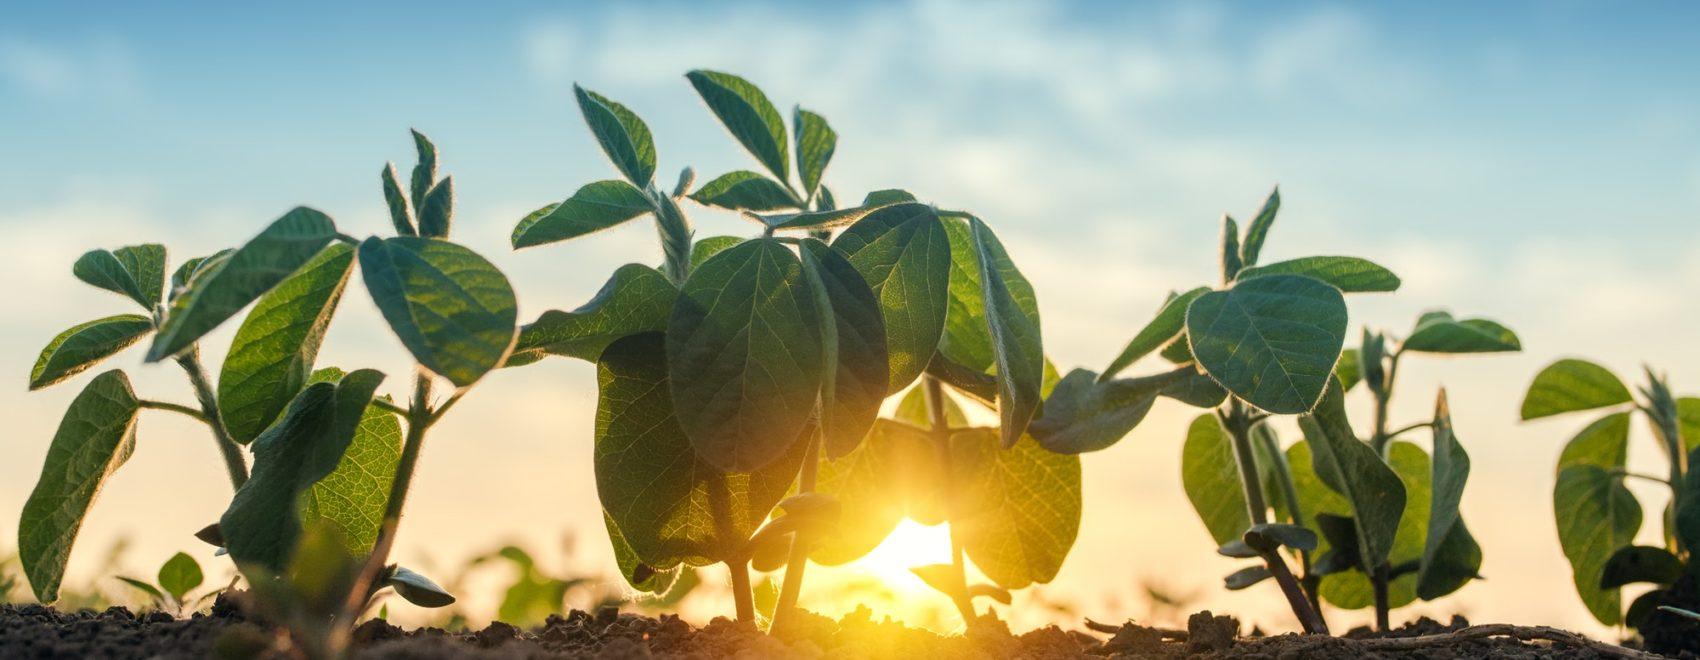 Sunrise in soybean field